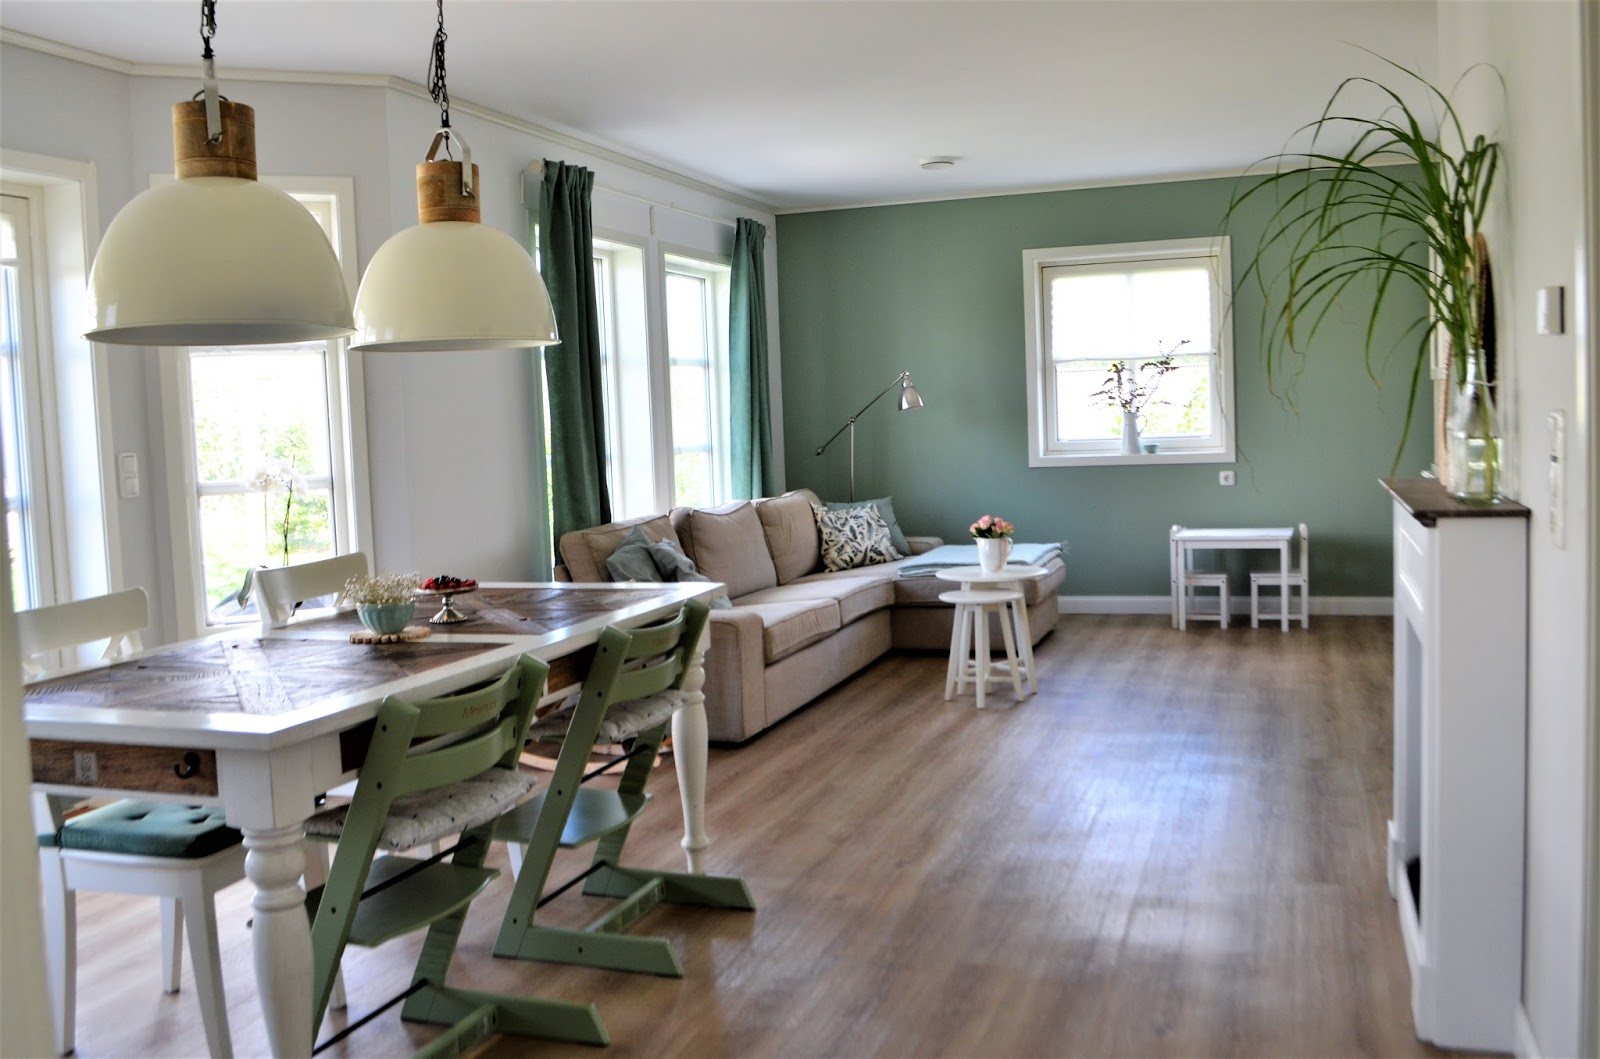 Denn Die Neue Farbe Moos Passt Wie Der Po Aufs Sofa In Unseren Traum Vom Wohnzimmer